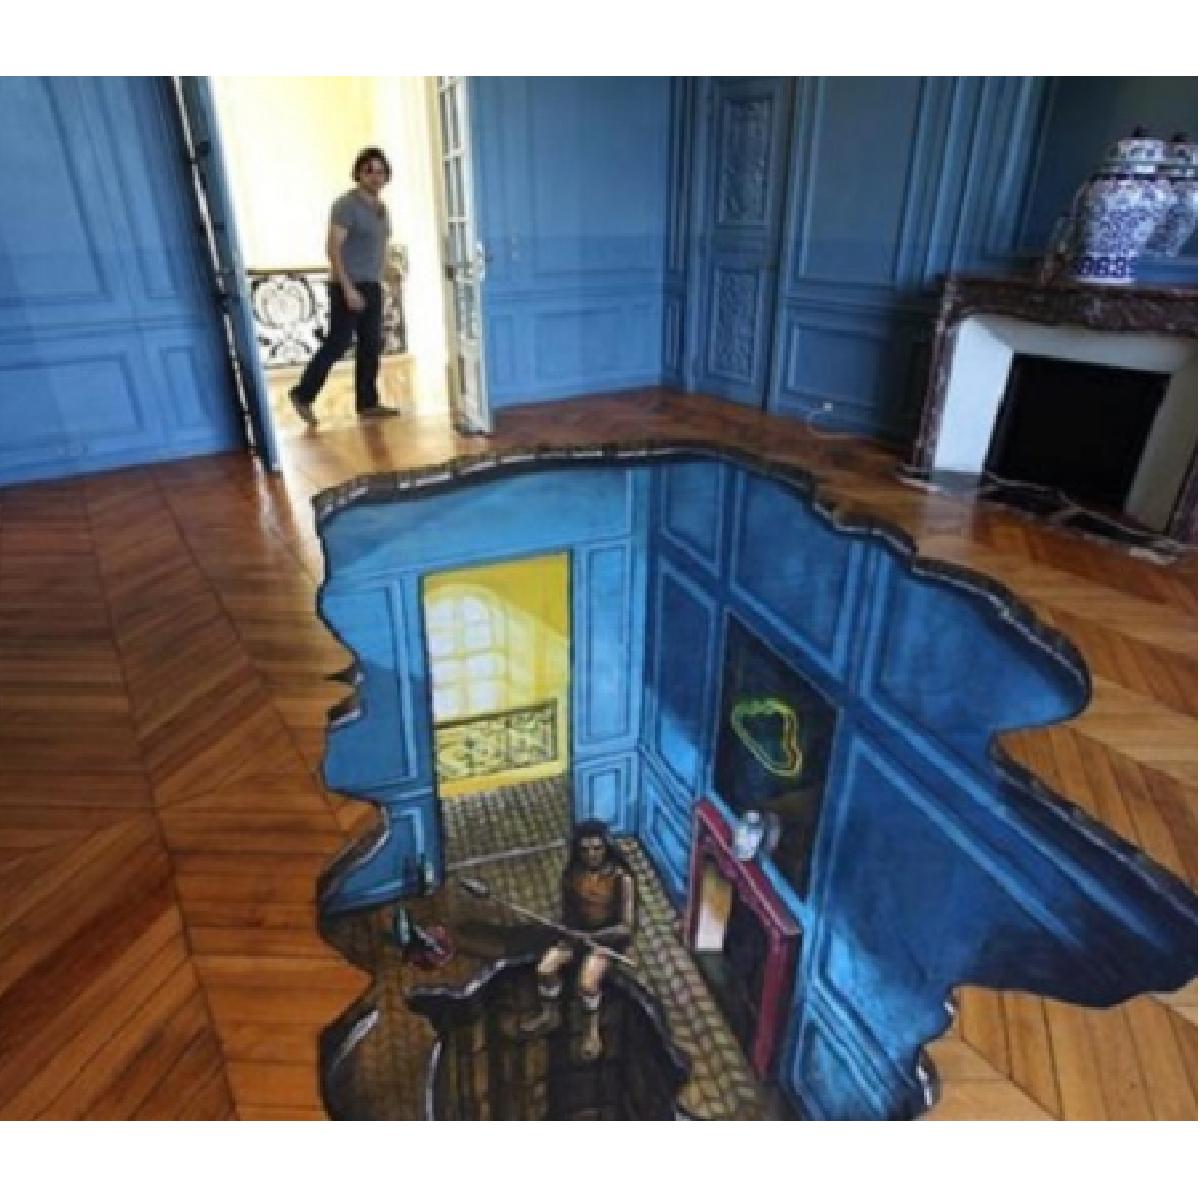 cadeaux 2 ouf id es de cadeaux insolites et originaux cadeau de r ve un plancher en 3d. Black Bedroom Furniture Sets. Home Design Ideas